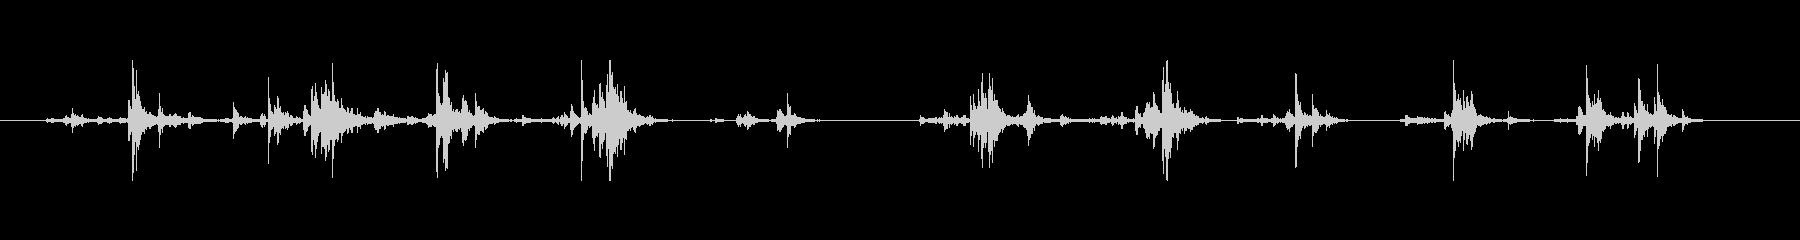 【筆箱01-8(振る)】の未再生の波形